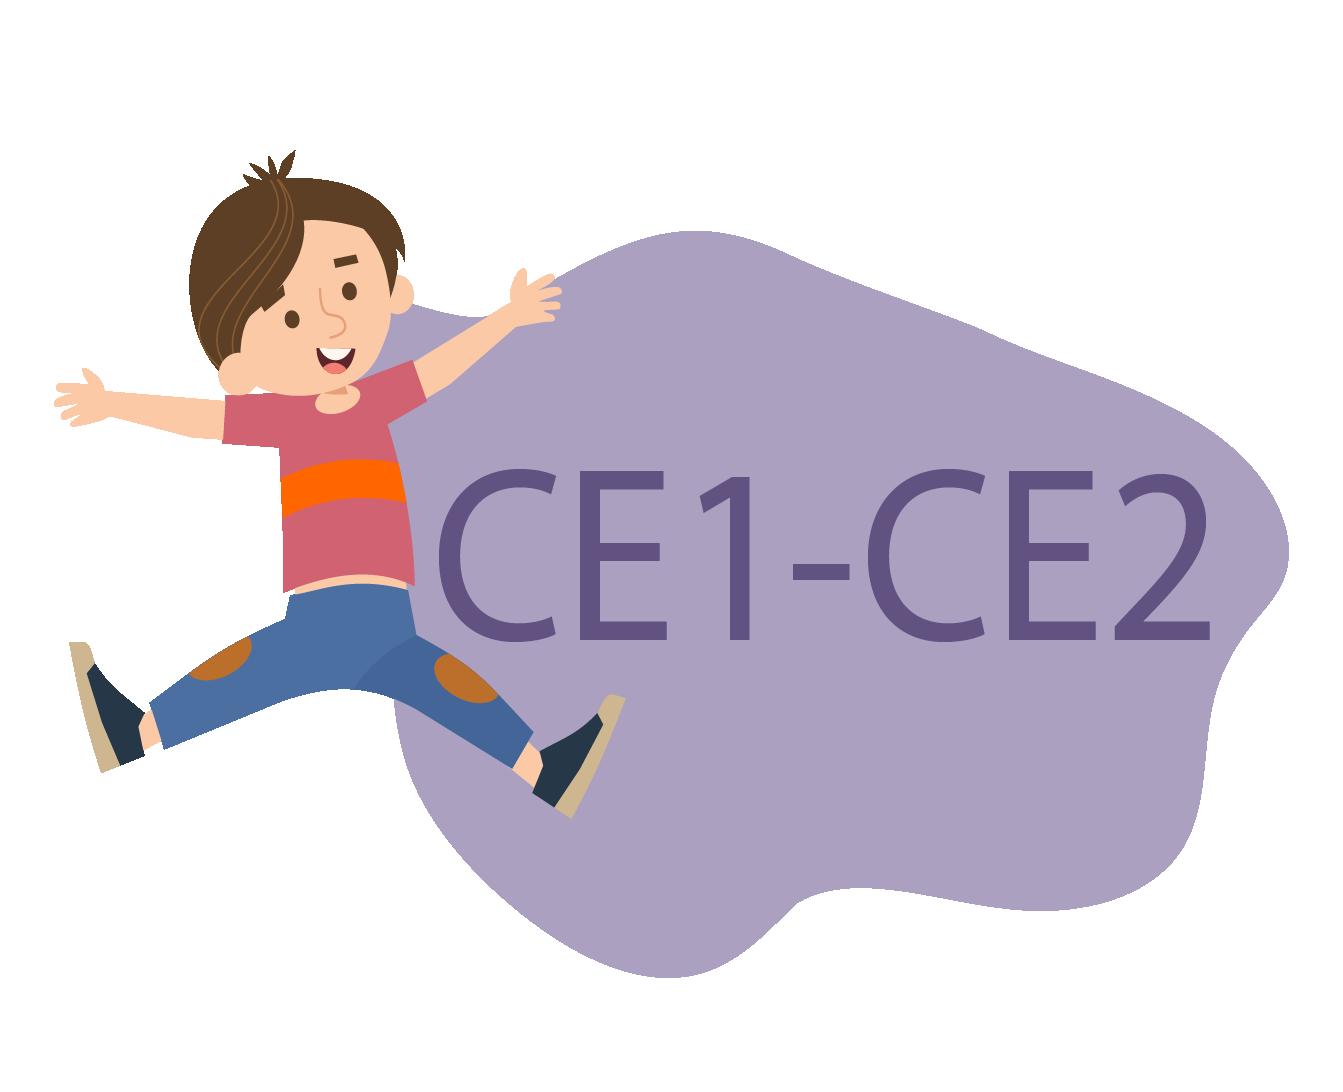 CE1-CE2